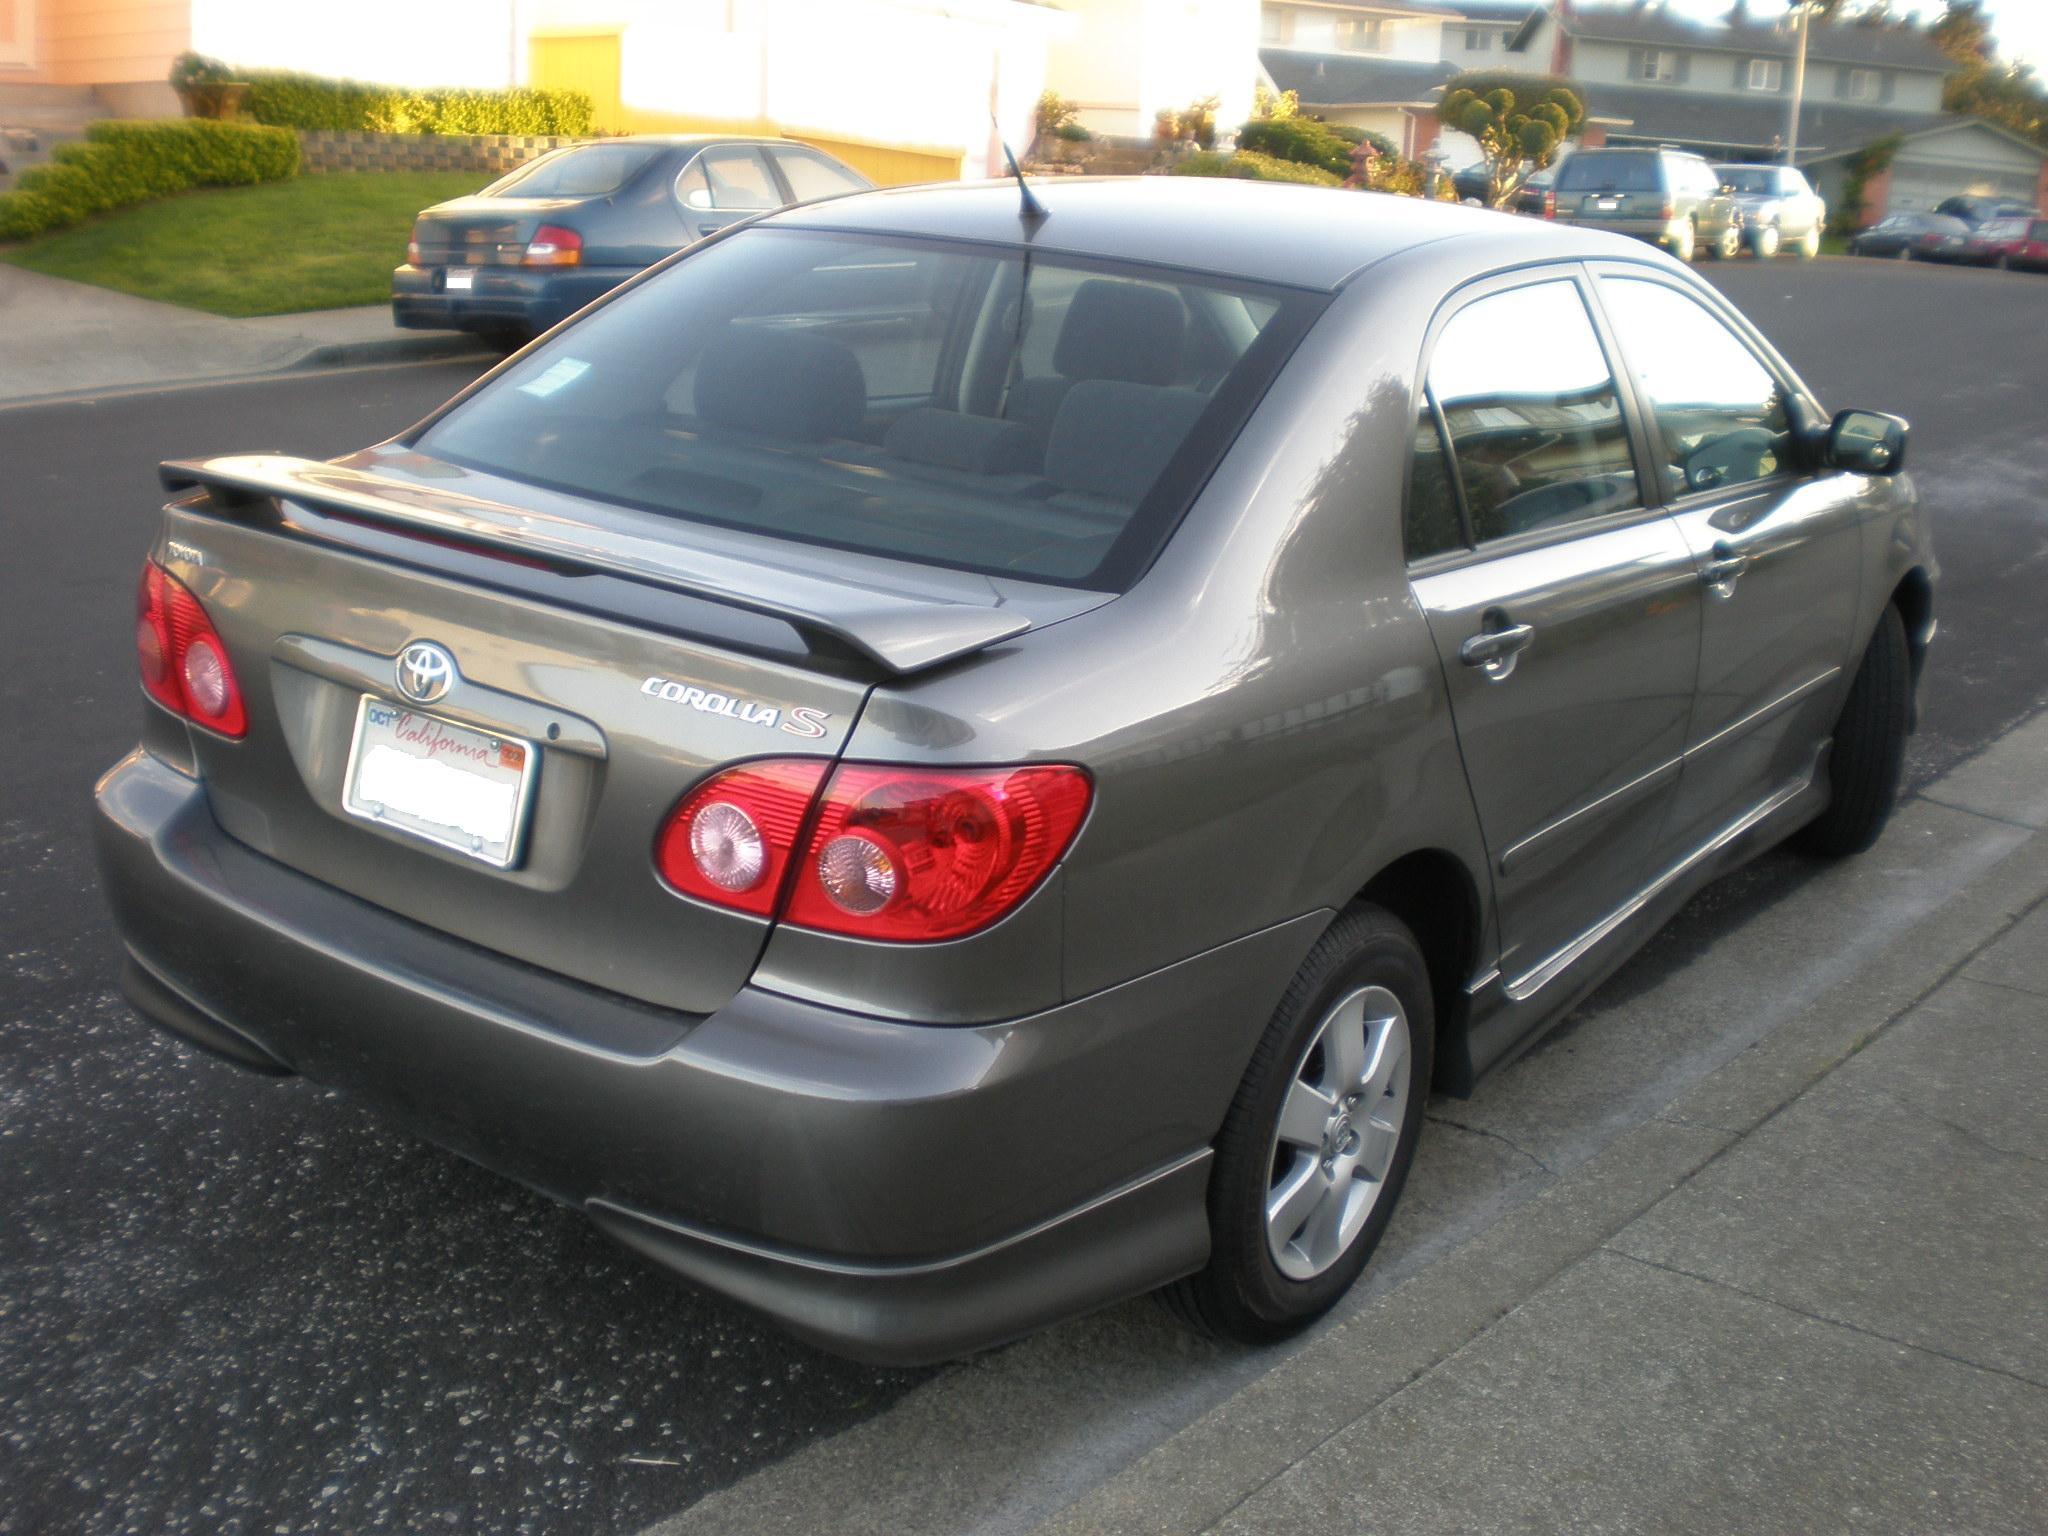 2008 Toyota Corolla Image 20